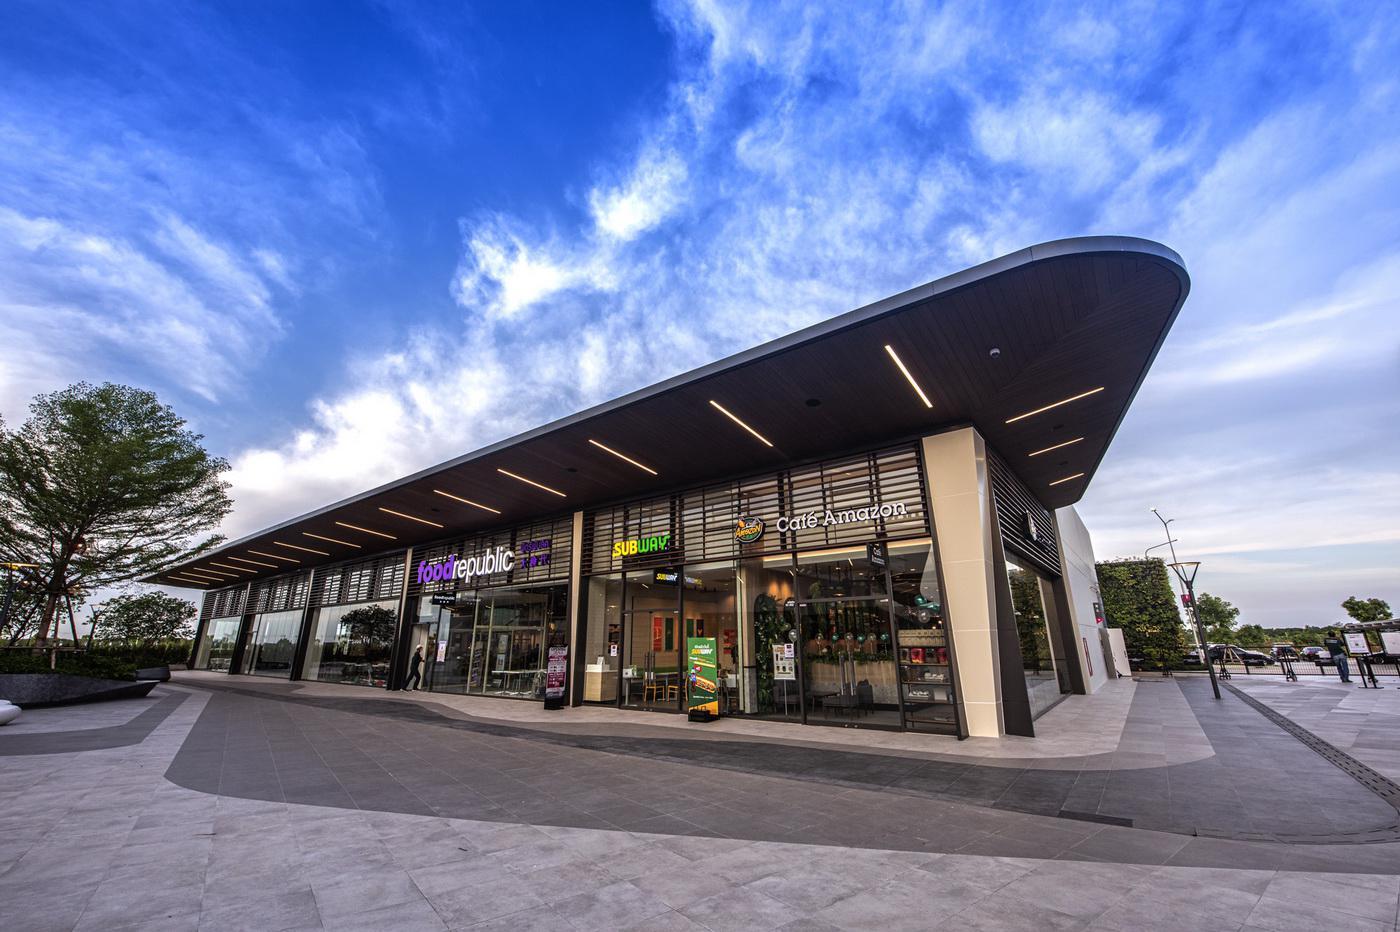 สยามพรีเมี่ยมเอาท์เล็ต กรุงเทพ พรีเมี่ยมเอาท์เล็ต แห่งแรกในไทย ลุยเปิดลักซ์ชัวรี่ช็อปเอาใจนักช้อป กว่าอีก 30 ร้านค้าภายในปลายปีนี้ พร้อมด้วยโปรโมชั่นสุดพิเศษ มอบส่วนลดสูงสุด 90% ทุกวัน